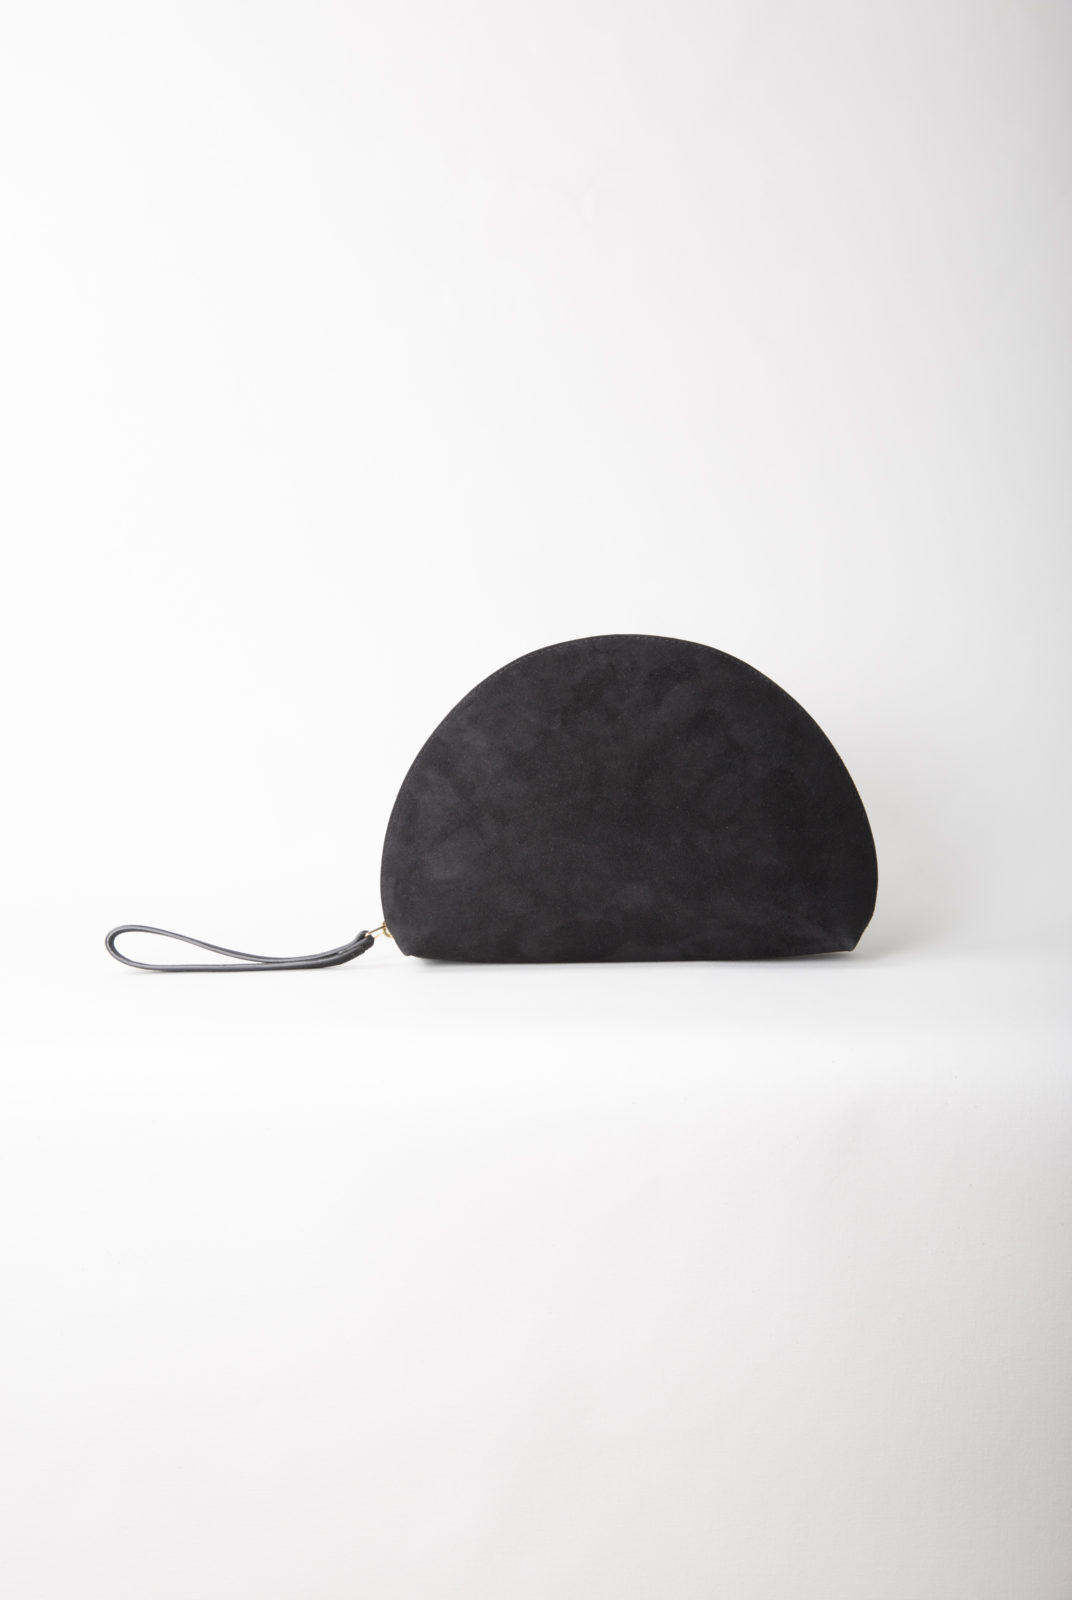 Suede Mini Moon Noir en forme de lune. Cuir de veau italien avec intérieur en cuir d'agneau souple. Fabriqué en Italie.